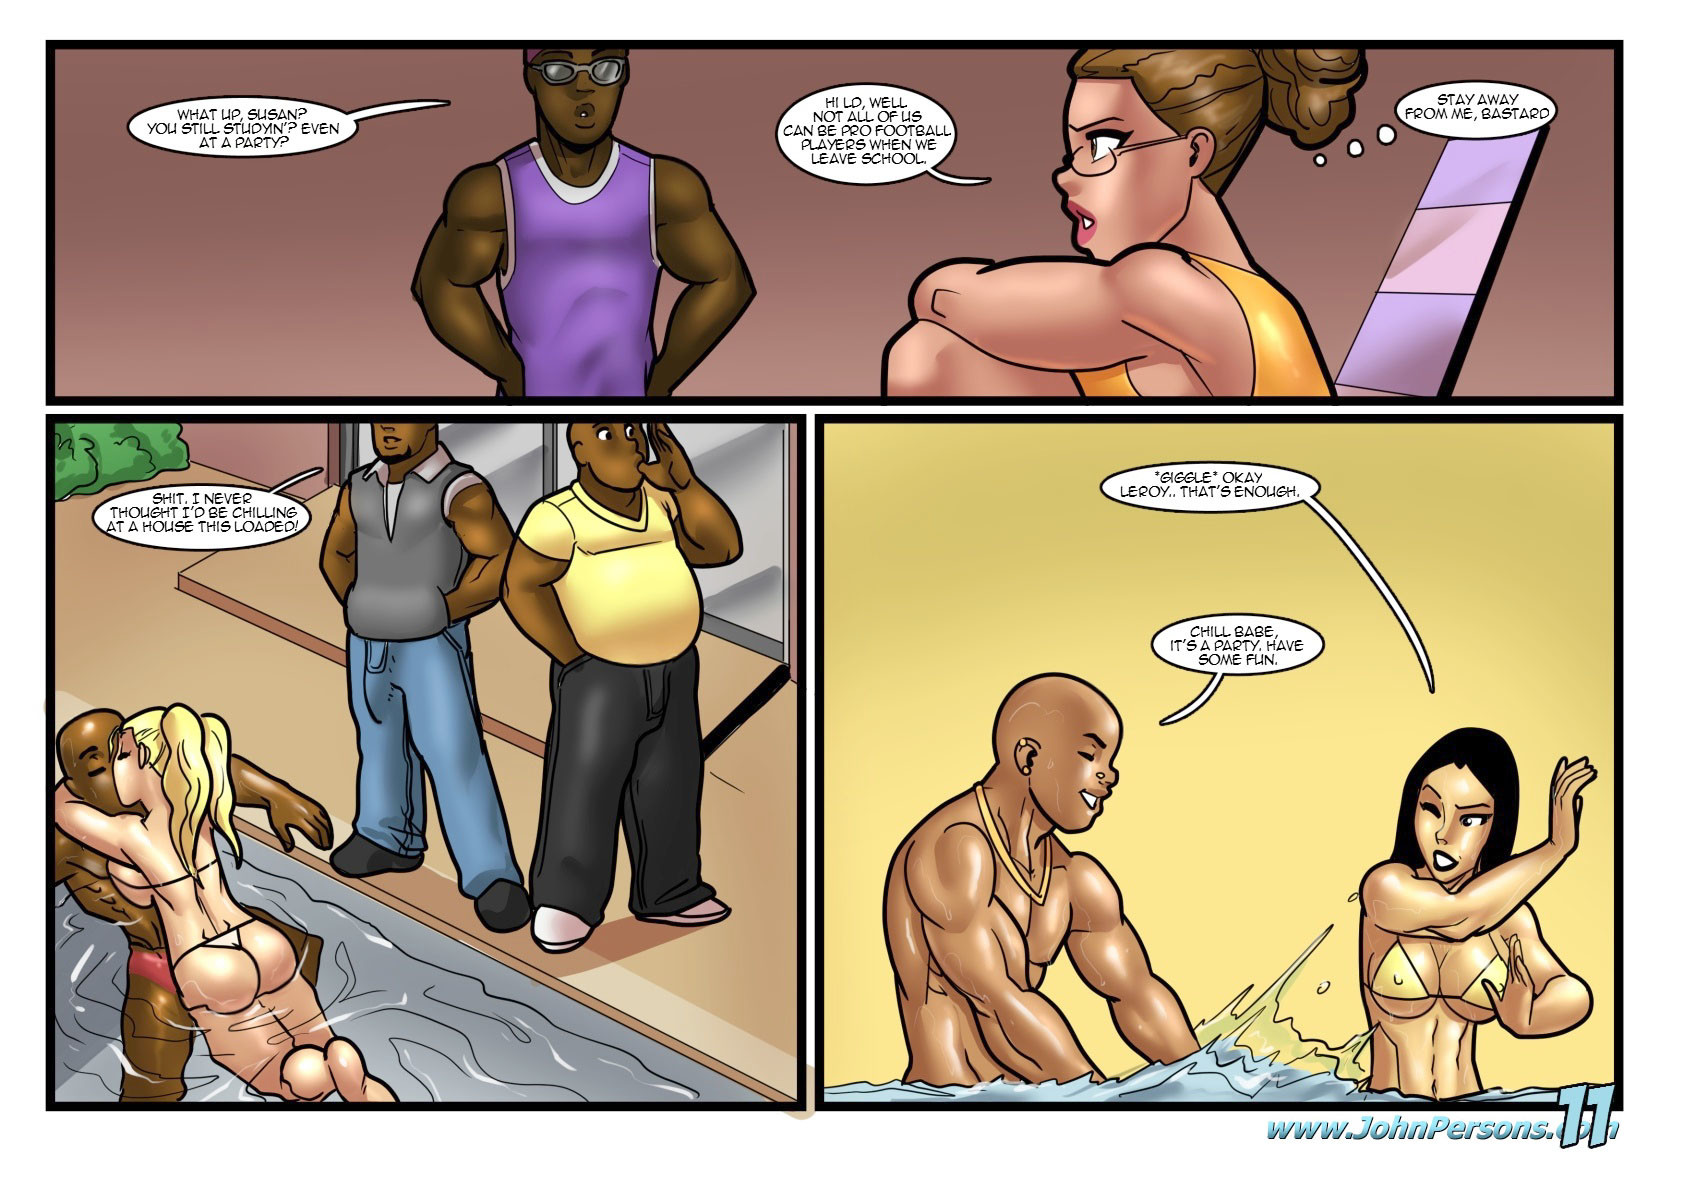 John Persons Comics Pool Party